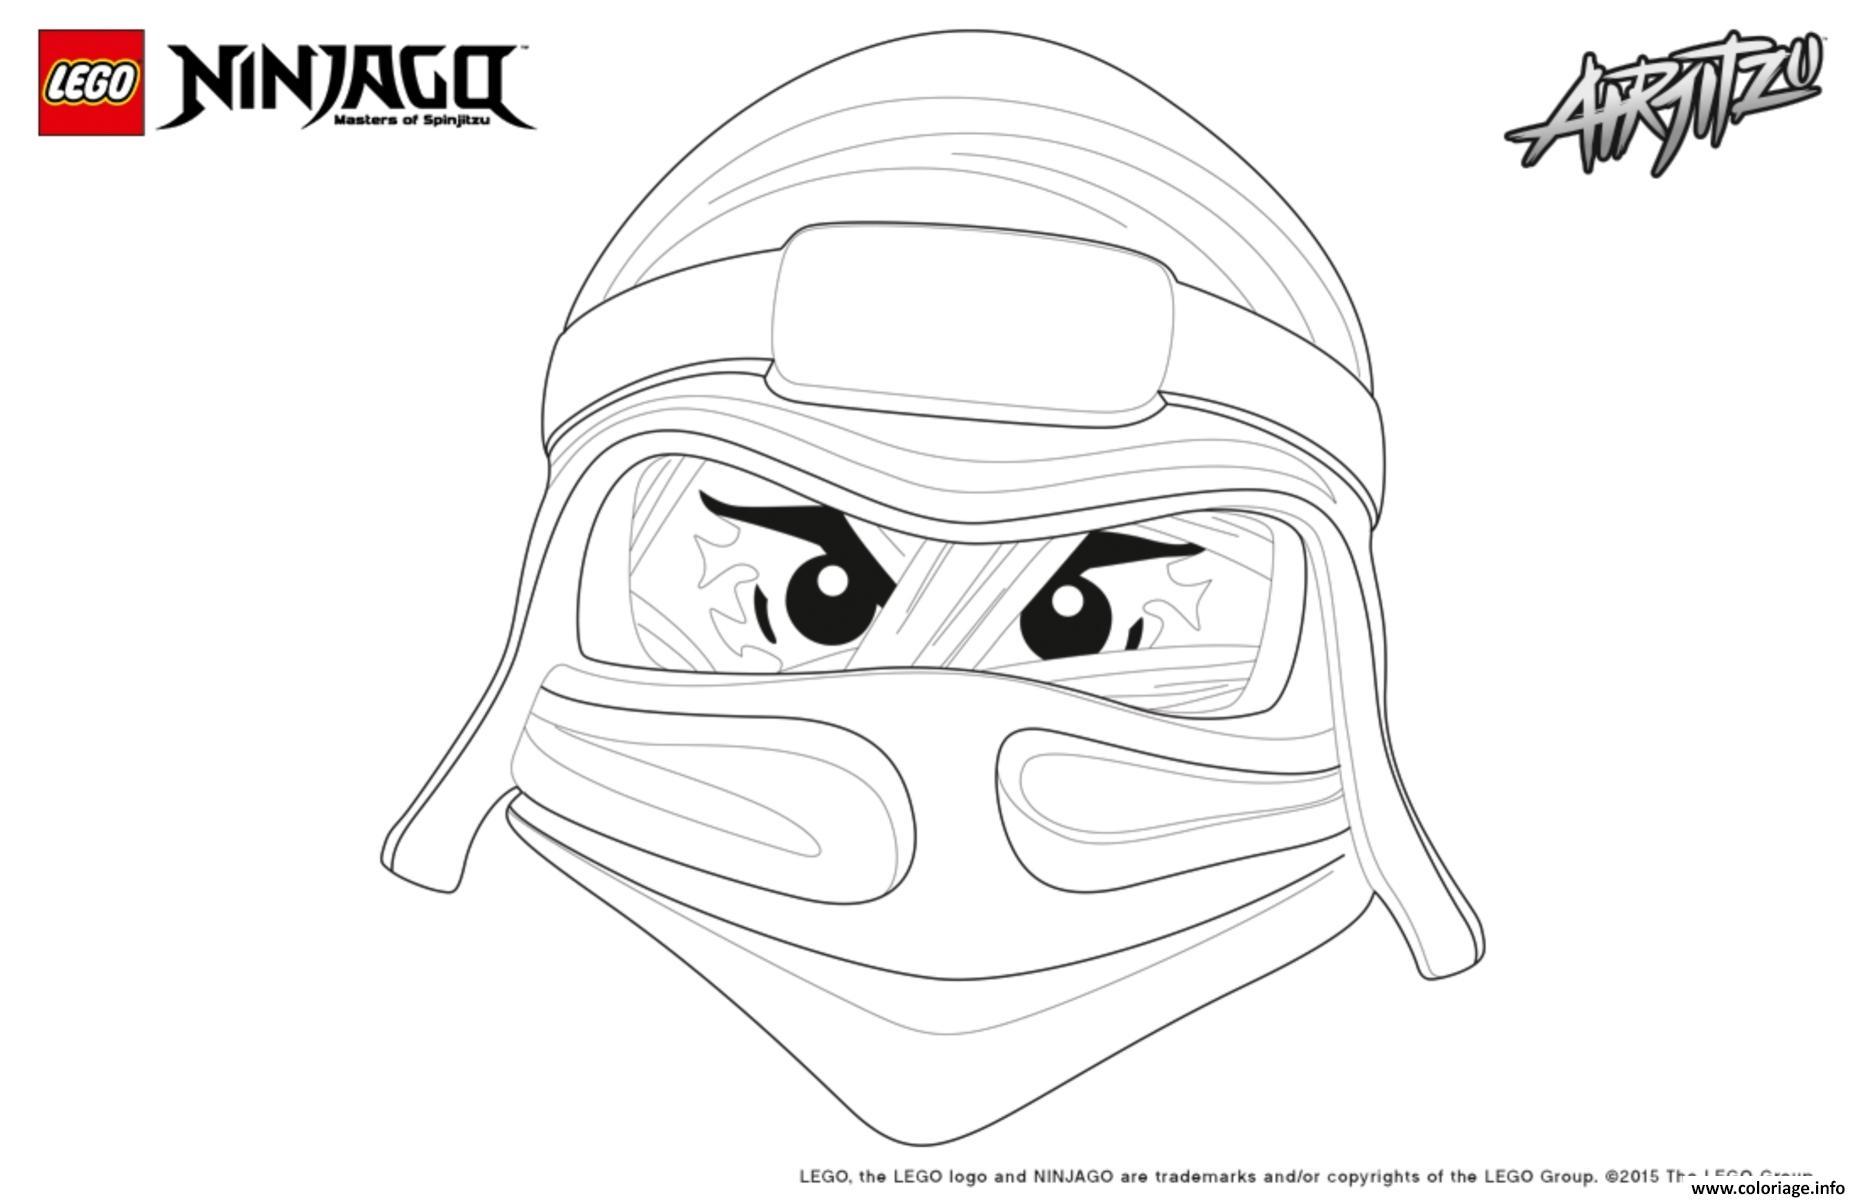 Coloriage Ninjago Lego Lloyd Dessin Ninjago A Imprimer